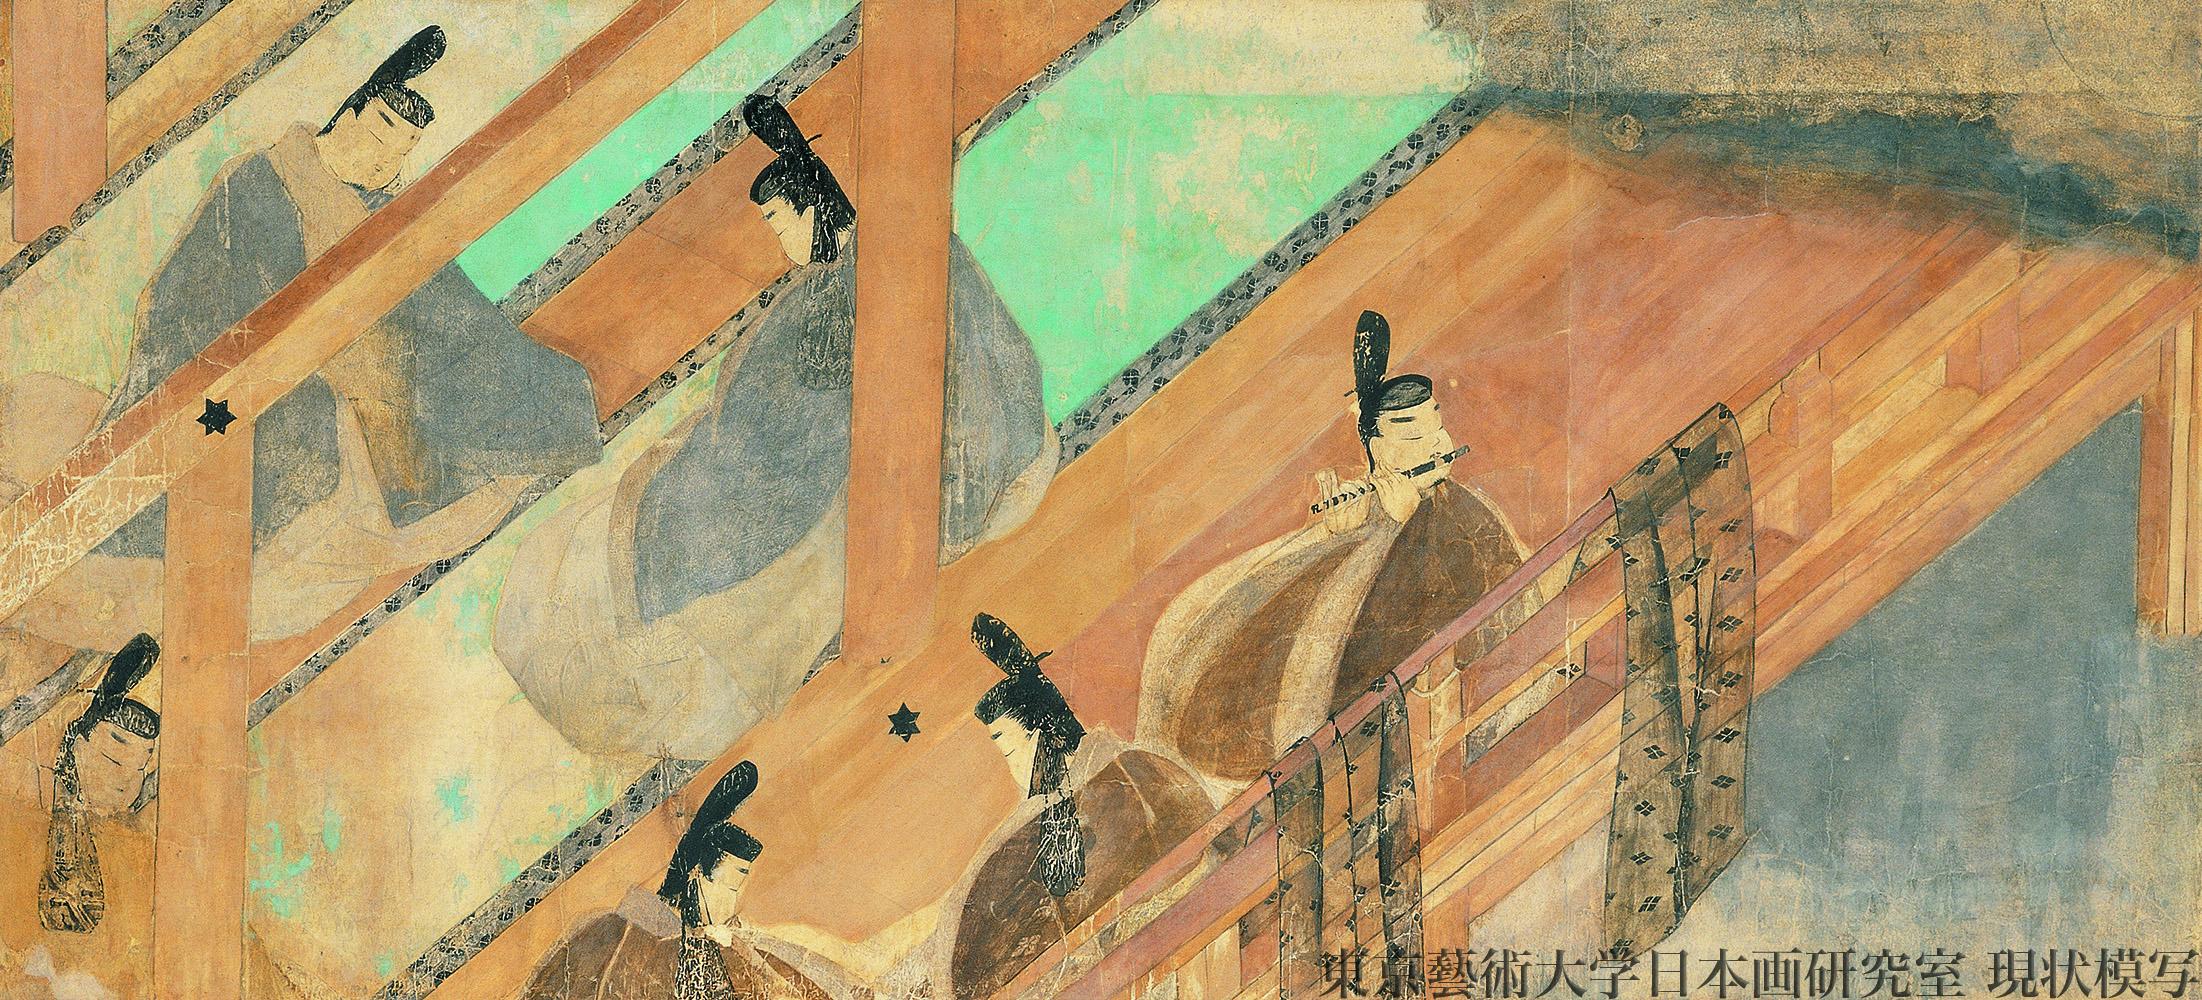 http://upload.wikimedia.org/wikipedia/commons/9/96/Genji_emaki_01003_006.jpg